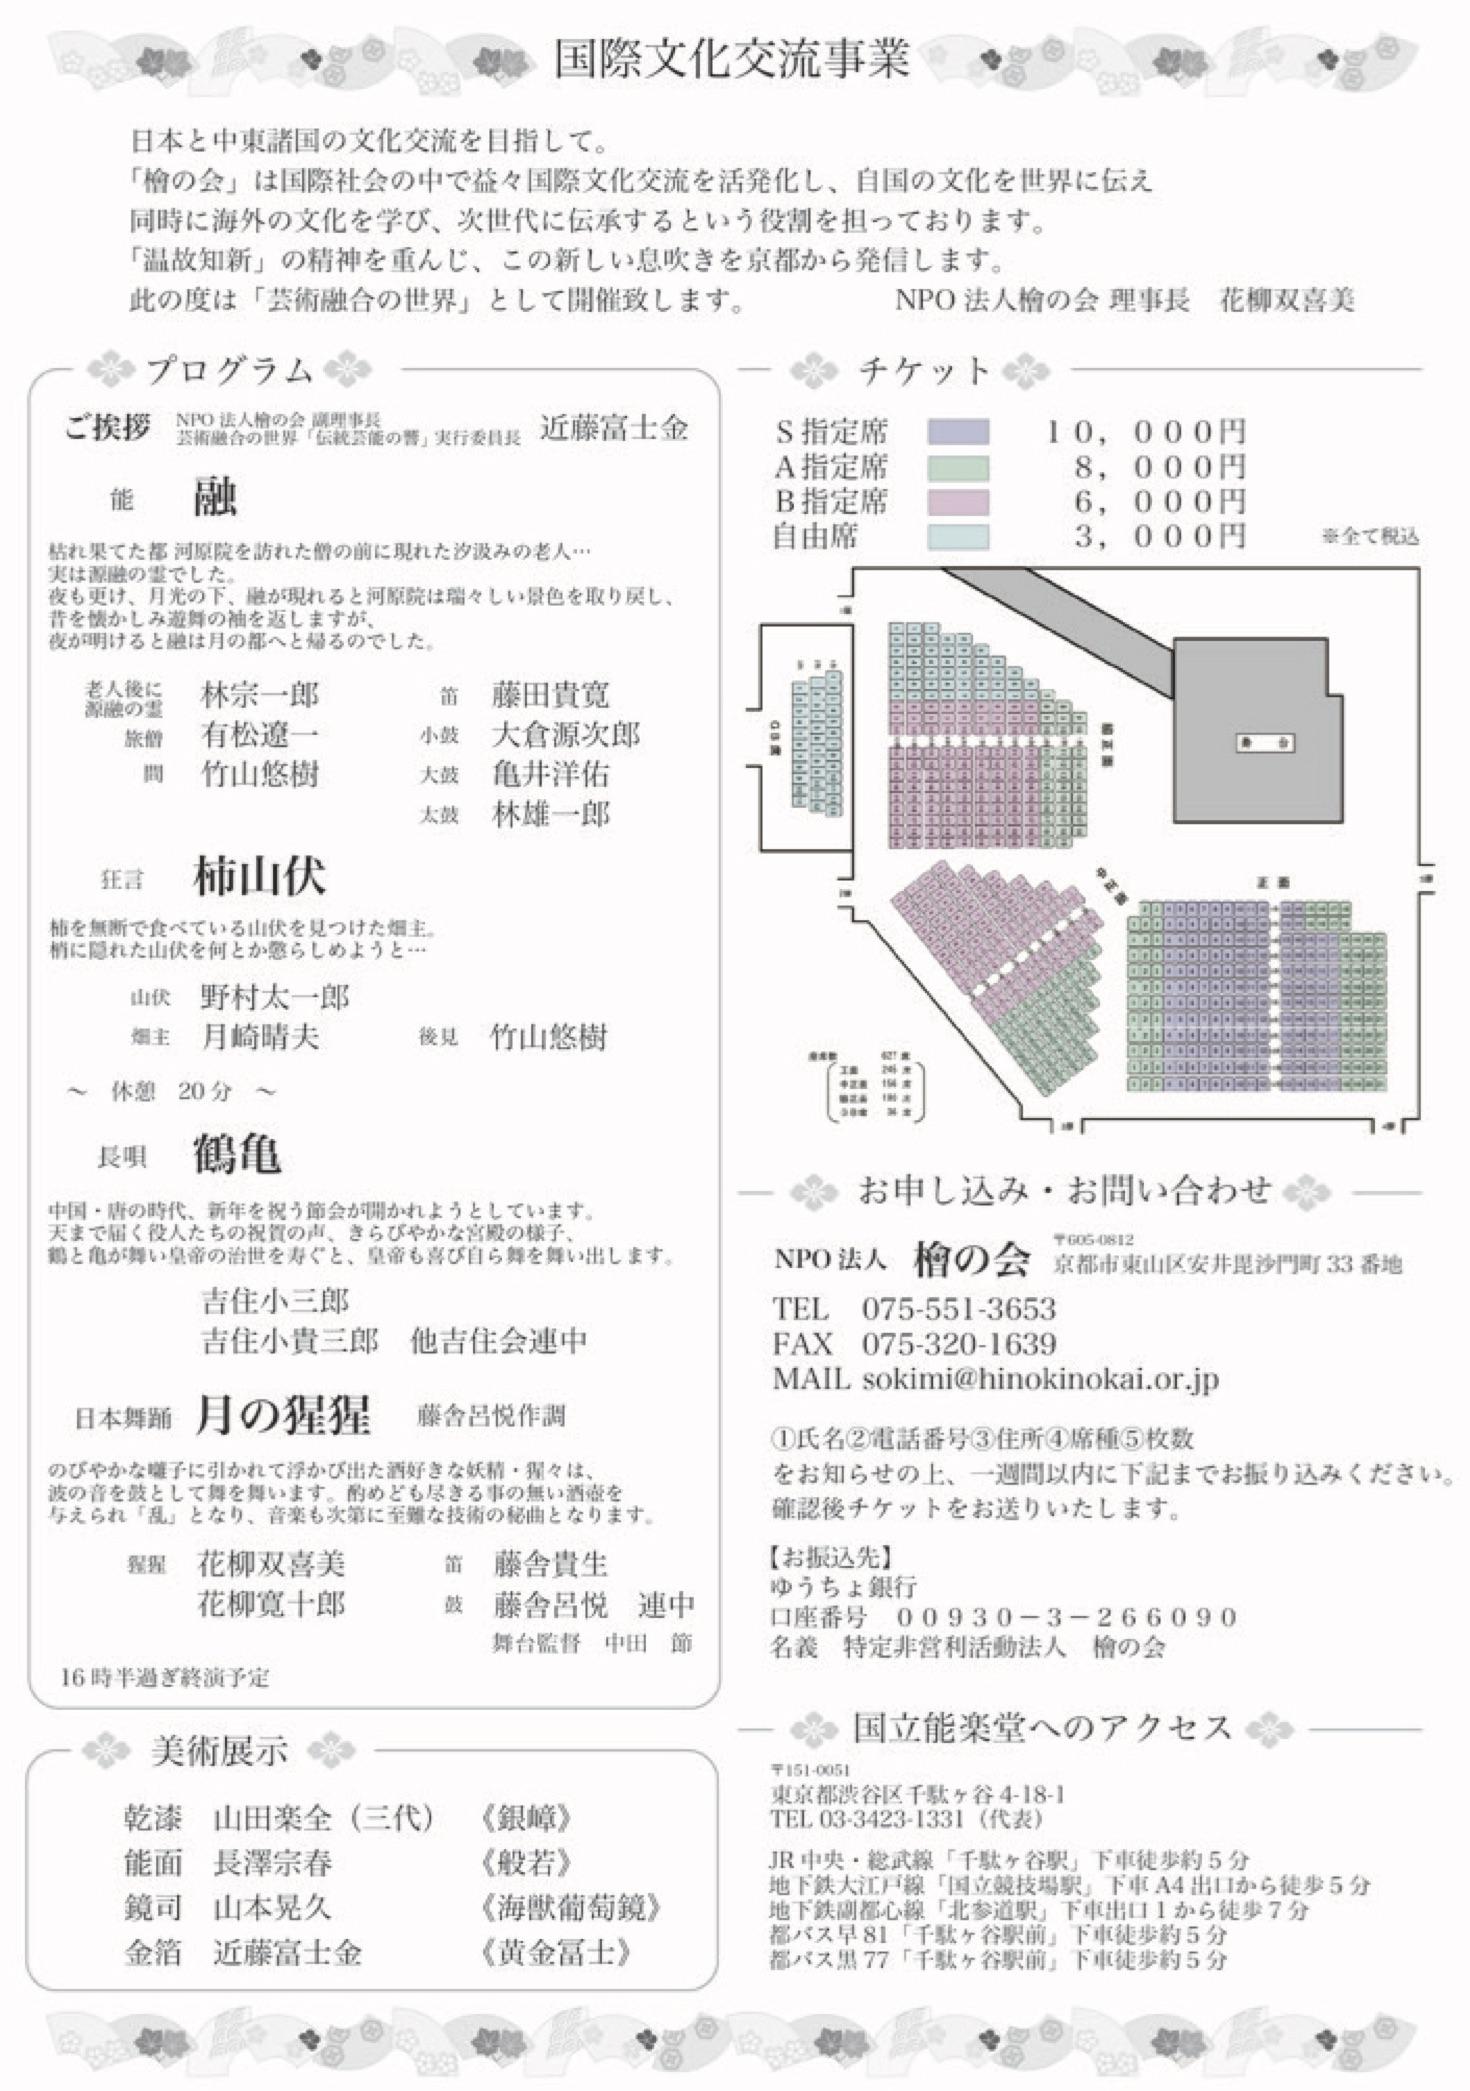 20171115-1hinoki2